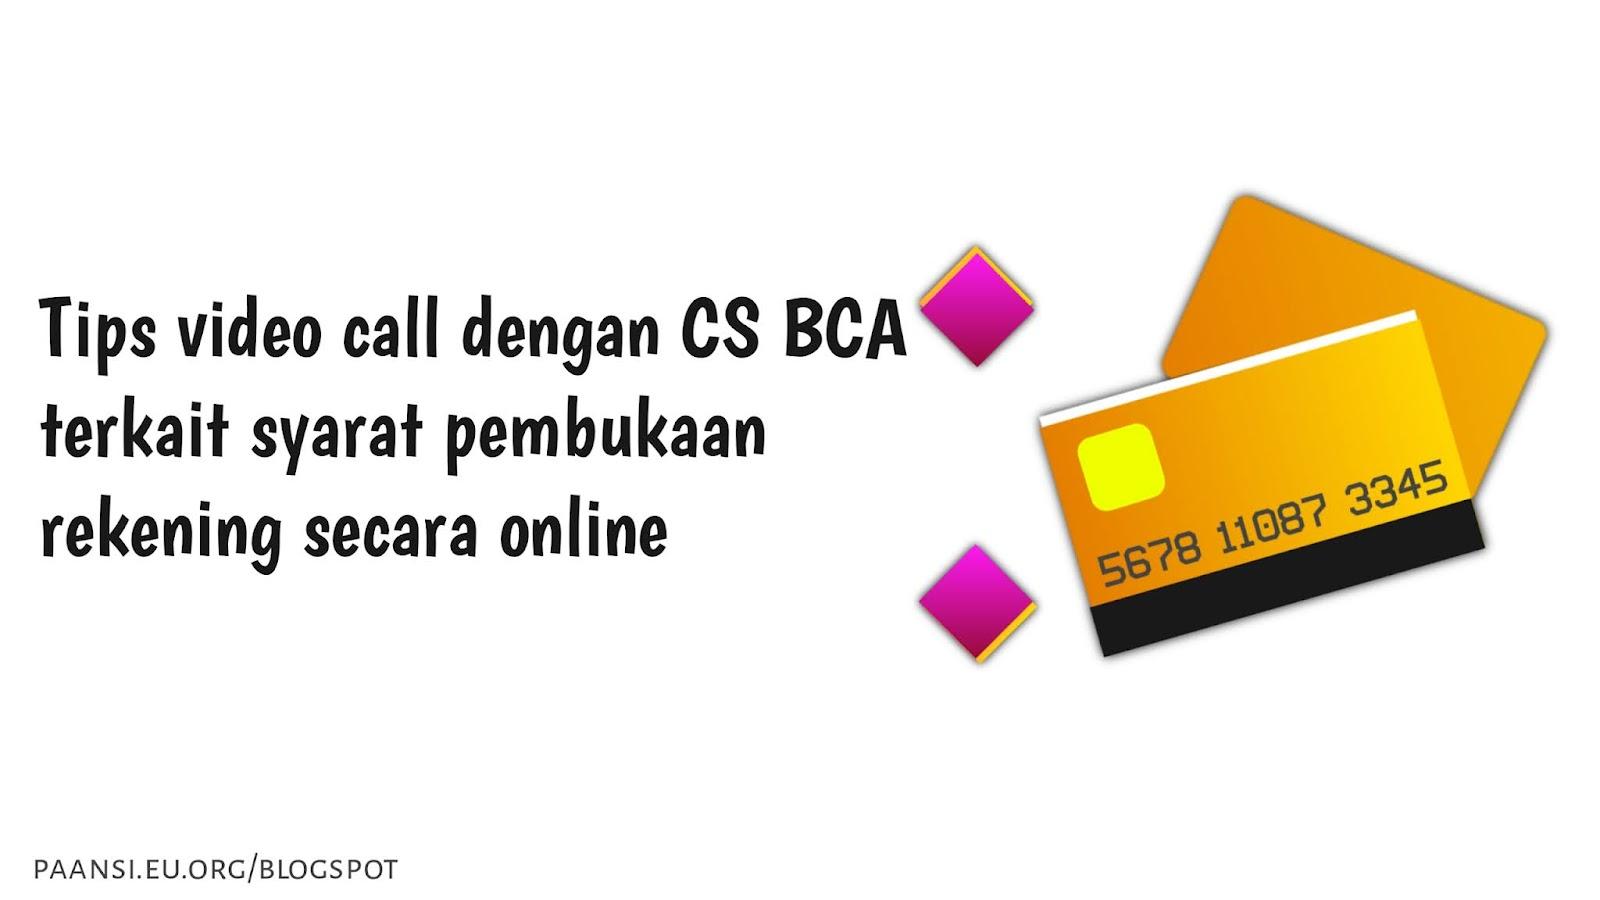 Video call pembukaan rekening baru M-BCA selalu Gagal? Ini dia solusinya